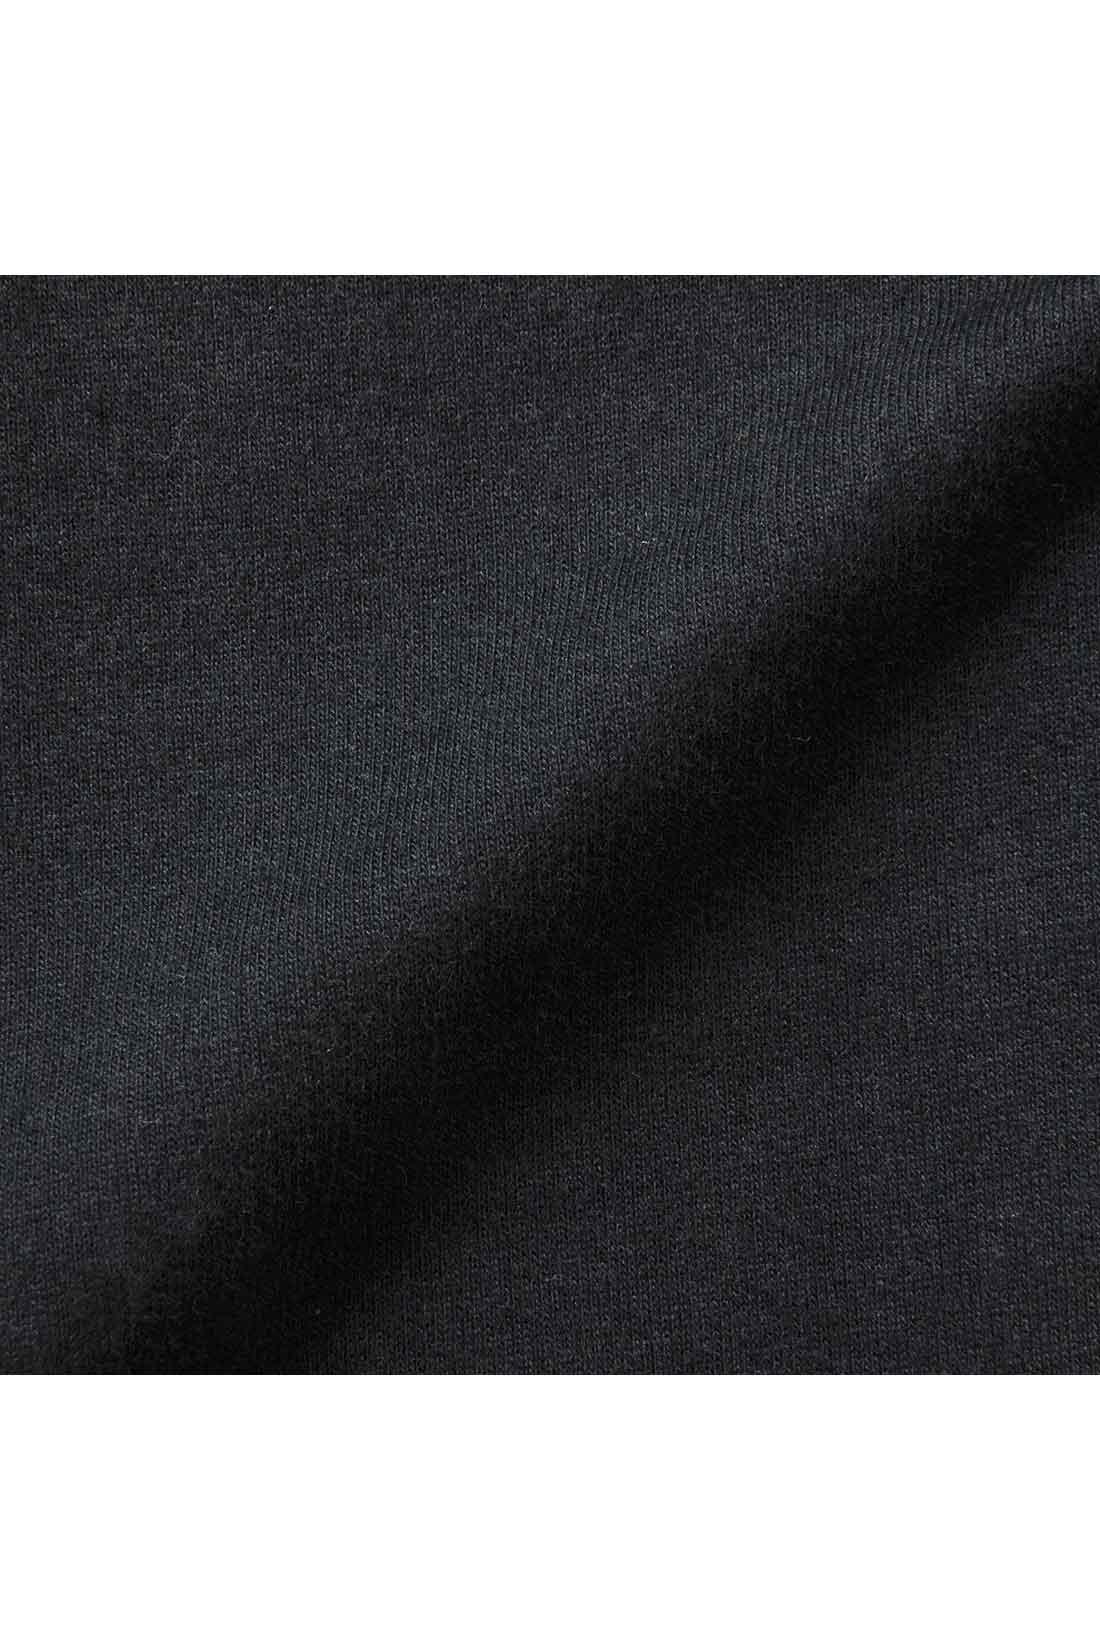 前身ごろのサイドと後ろ身ごろ、袖は全面のびやかなストレッチミニ裏毛素材。